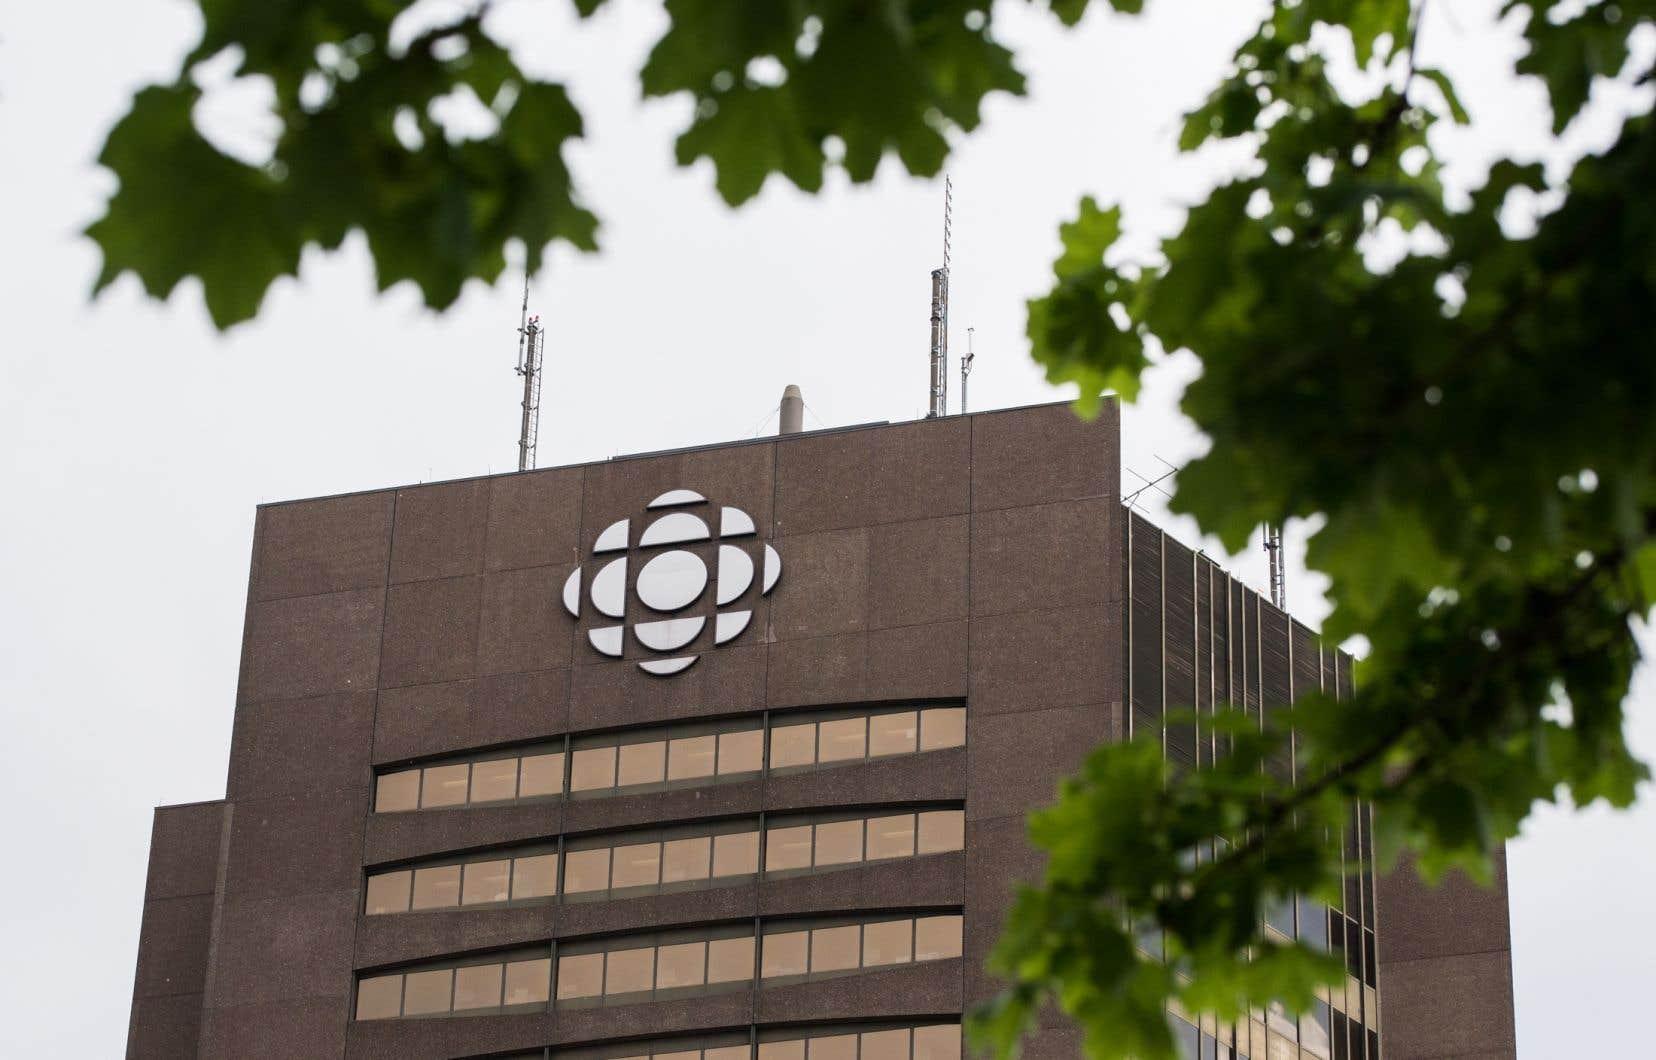 «On ne rappellera jamais assez que Radio-Canada est une radiotélévision publique, dotée par l'État, avec une mission particulière et une obligation d'excellence, notamment en ce qui concerne l'information», mentionnent les auteurs.